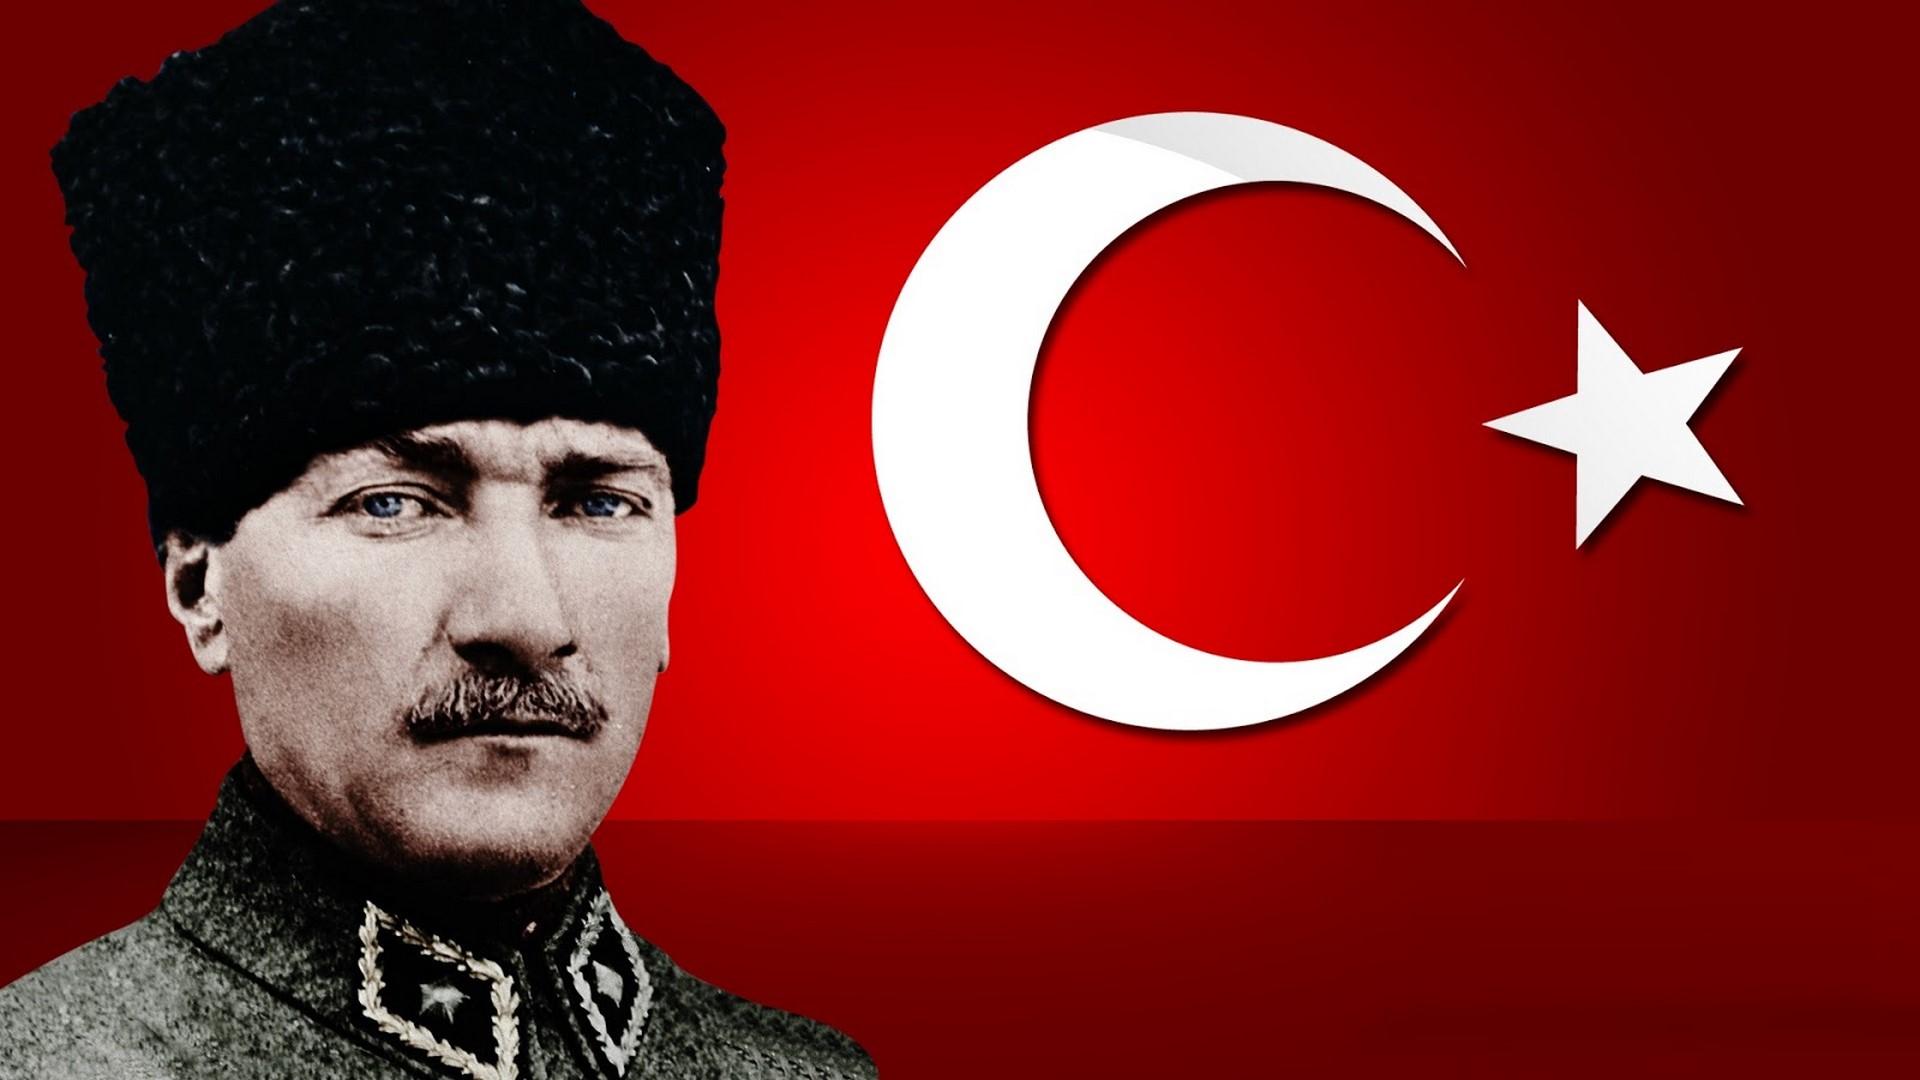 السيرة الذاتية لمصطفى كمال أتاتورك